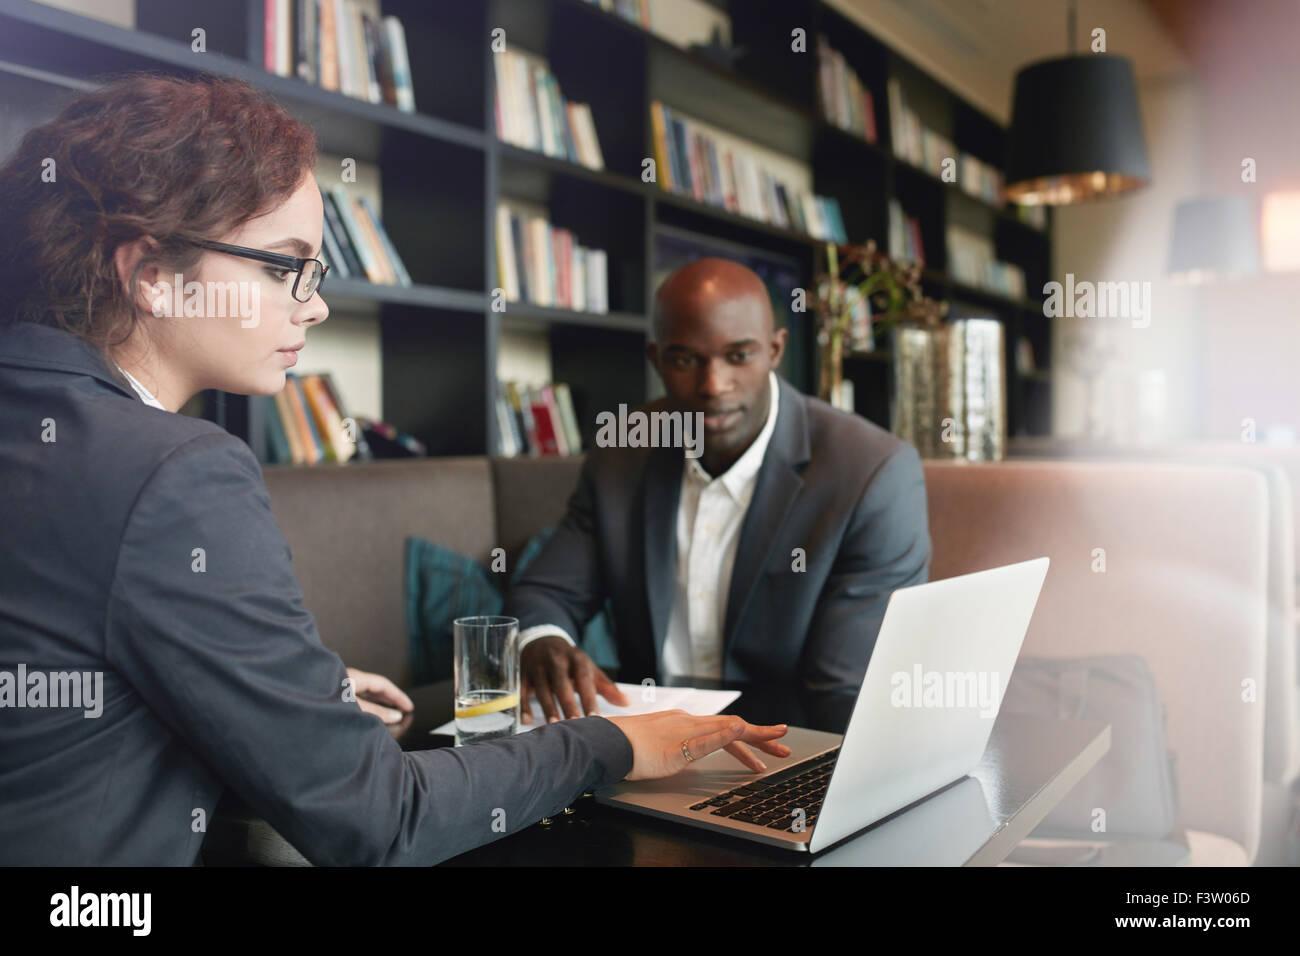 Junge Geschäftsfrau arbeiten am Laptop mit ihrem Geschäftspartner sitzen im Café. Nachwuchsführungskräfte Stockbild